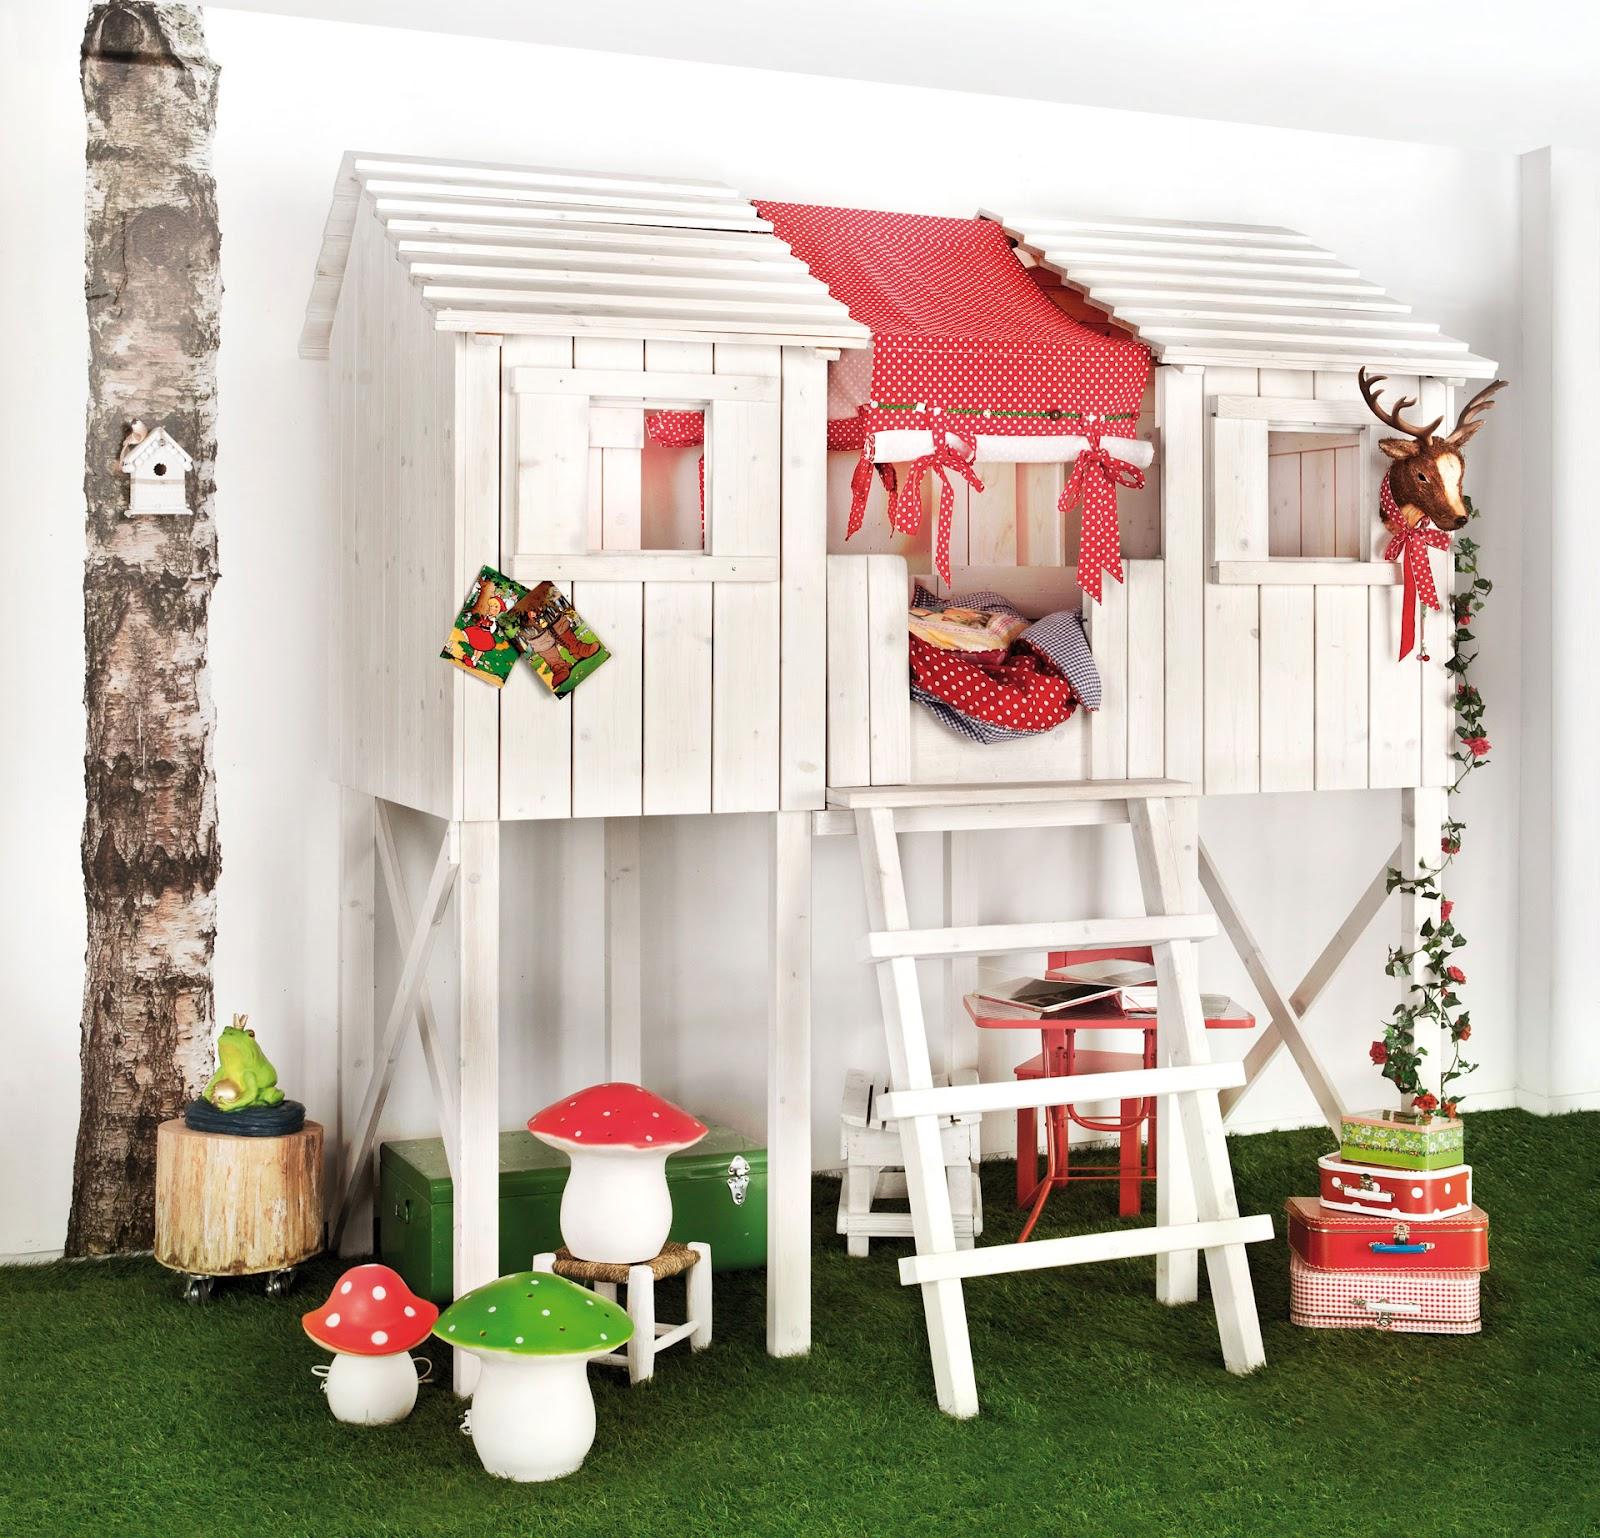 Dormitorios de ni os para espacios peque os decoracion for Decoracion cuartos pequenos ninos